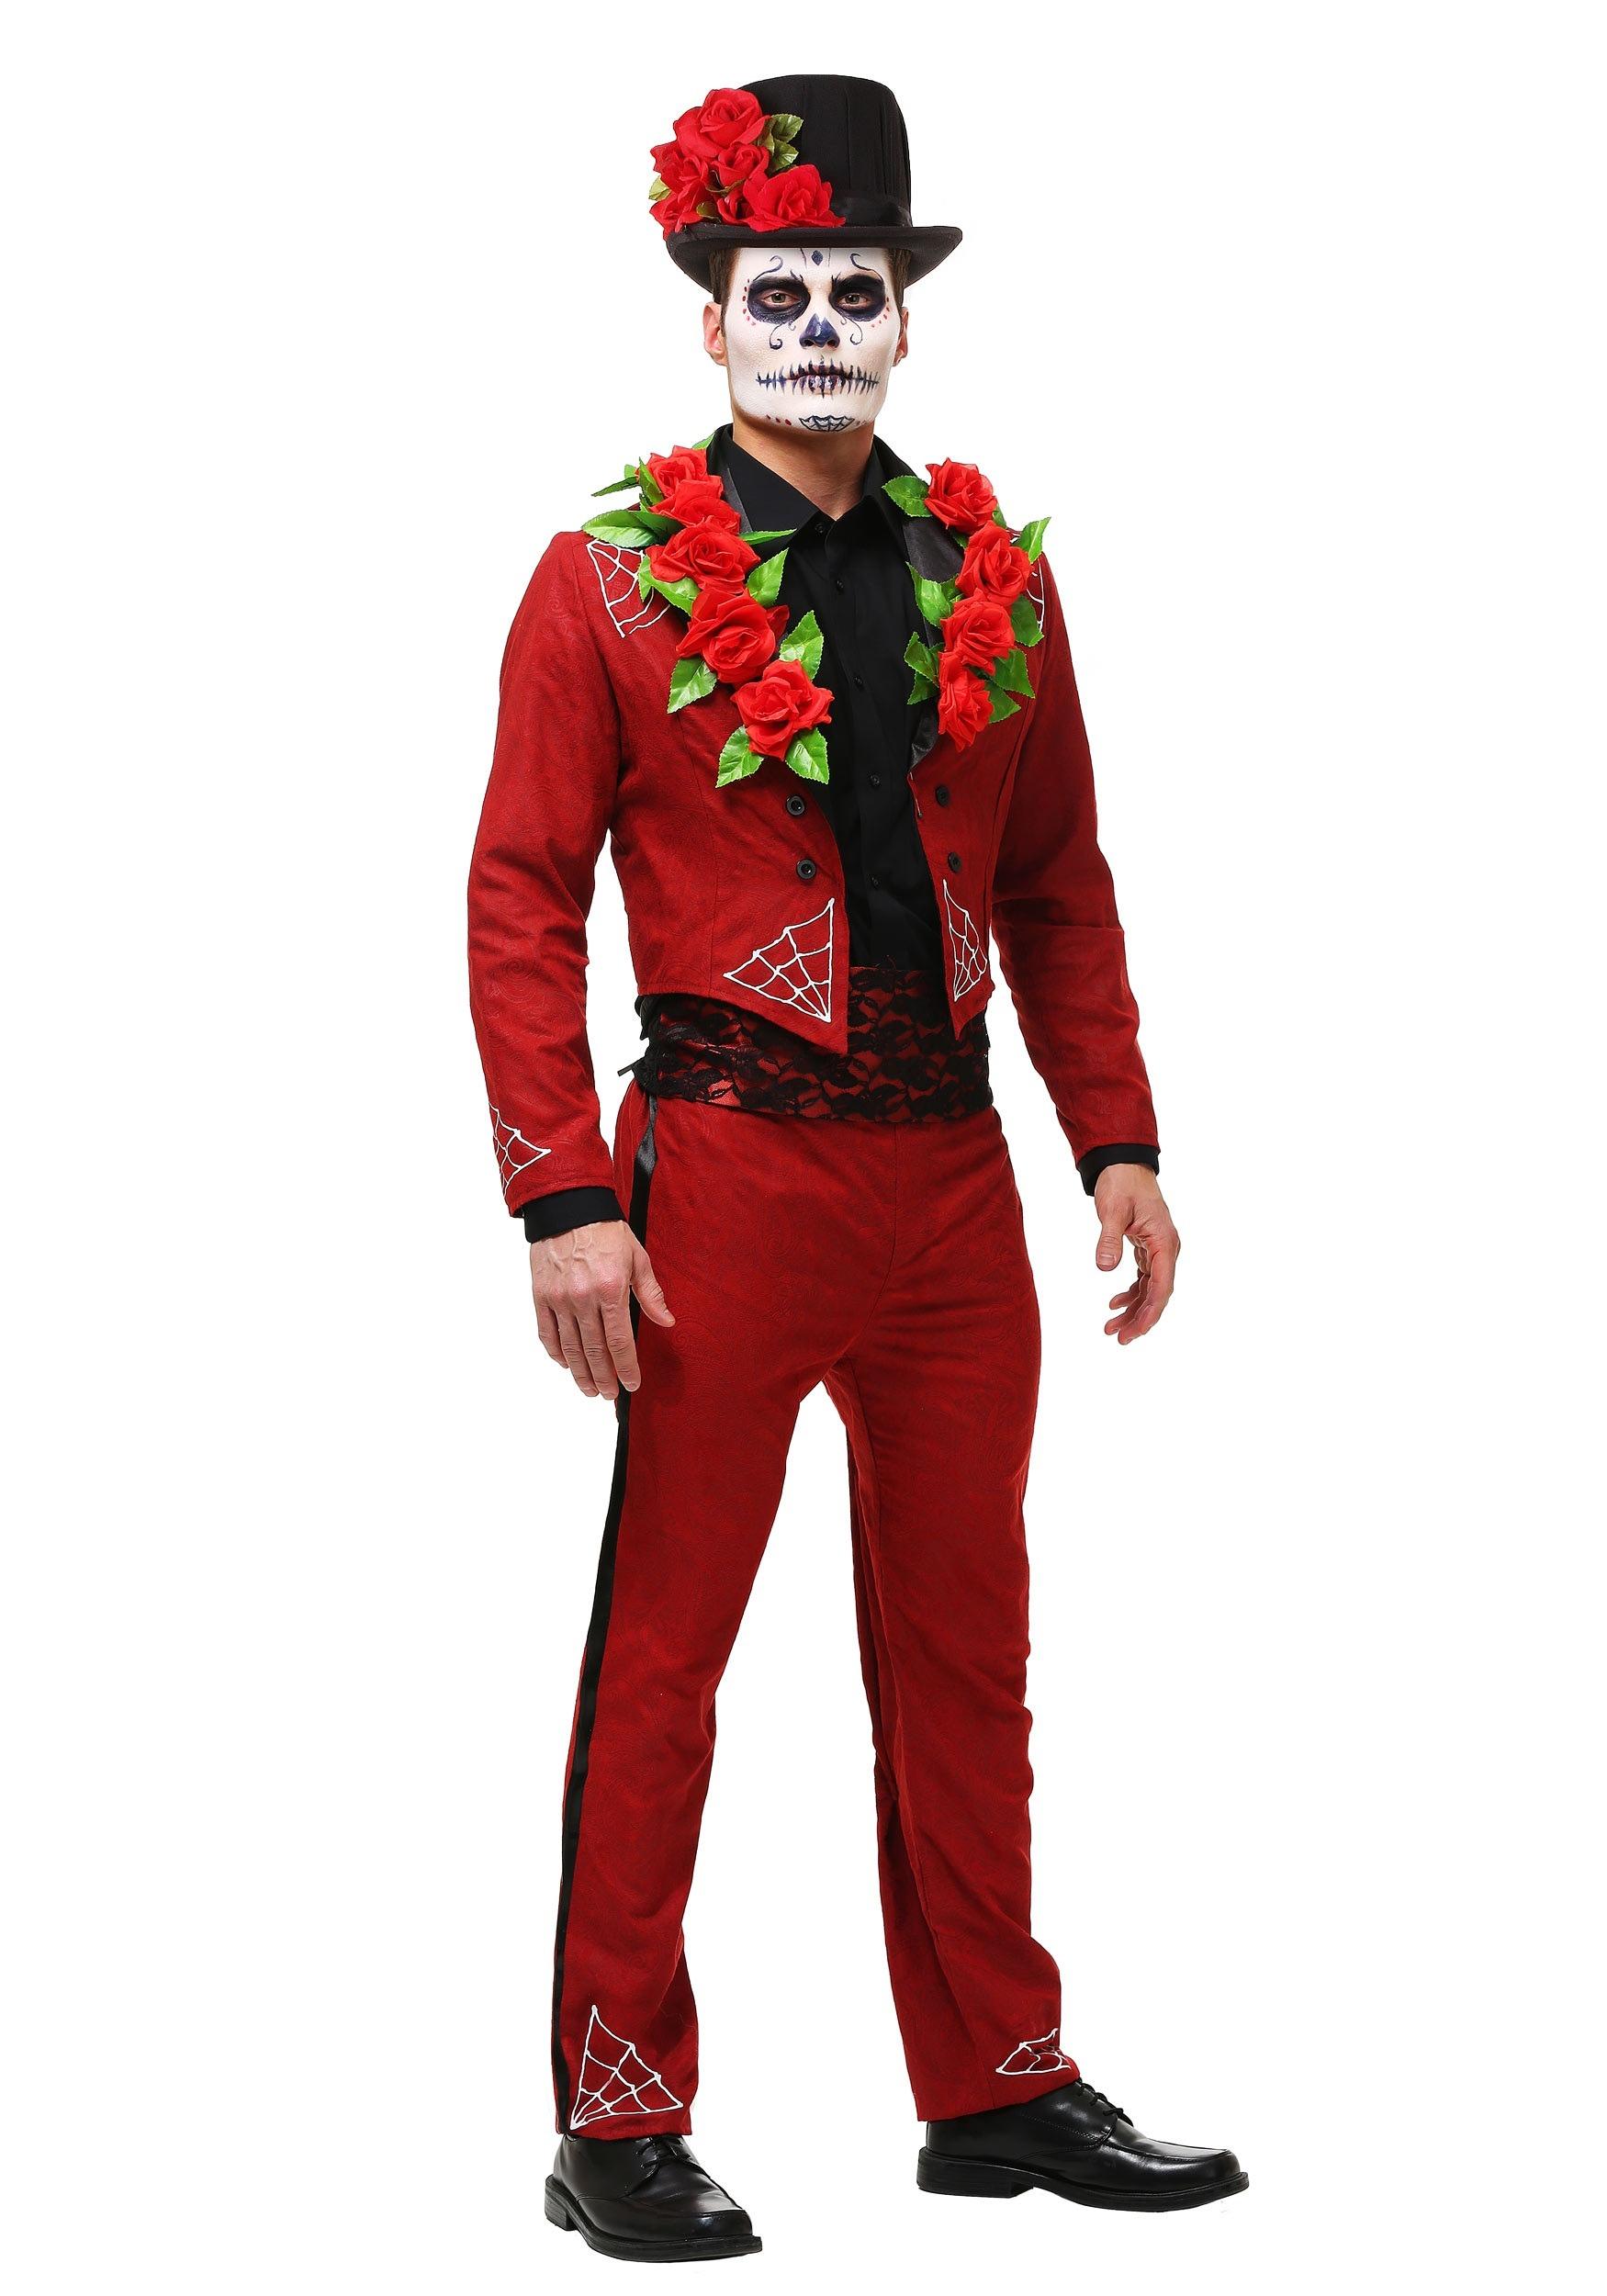 f18fa85b9ff8 Men s Plus Size Day of the Dead Costume